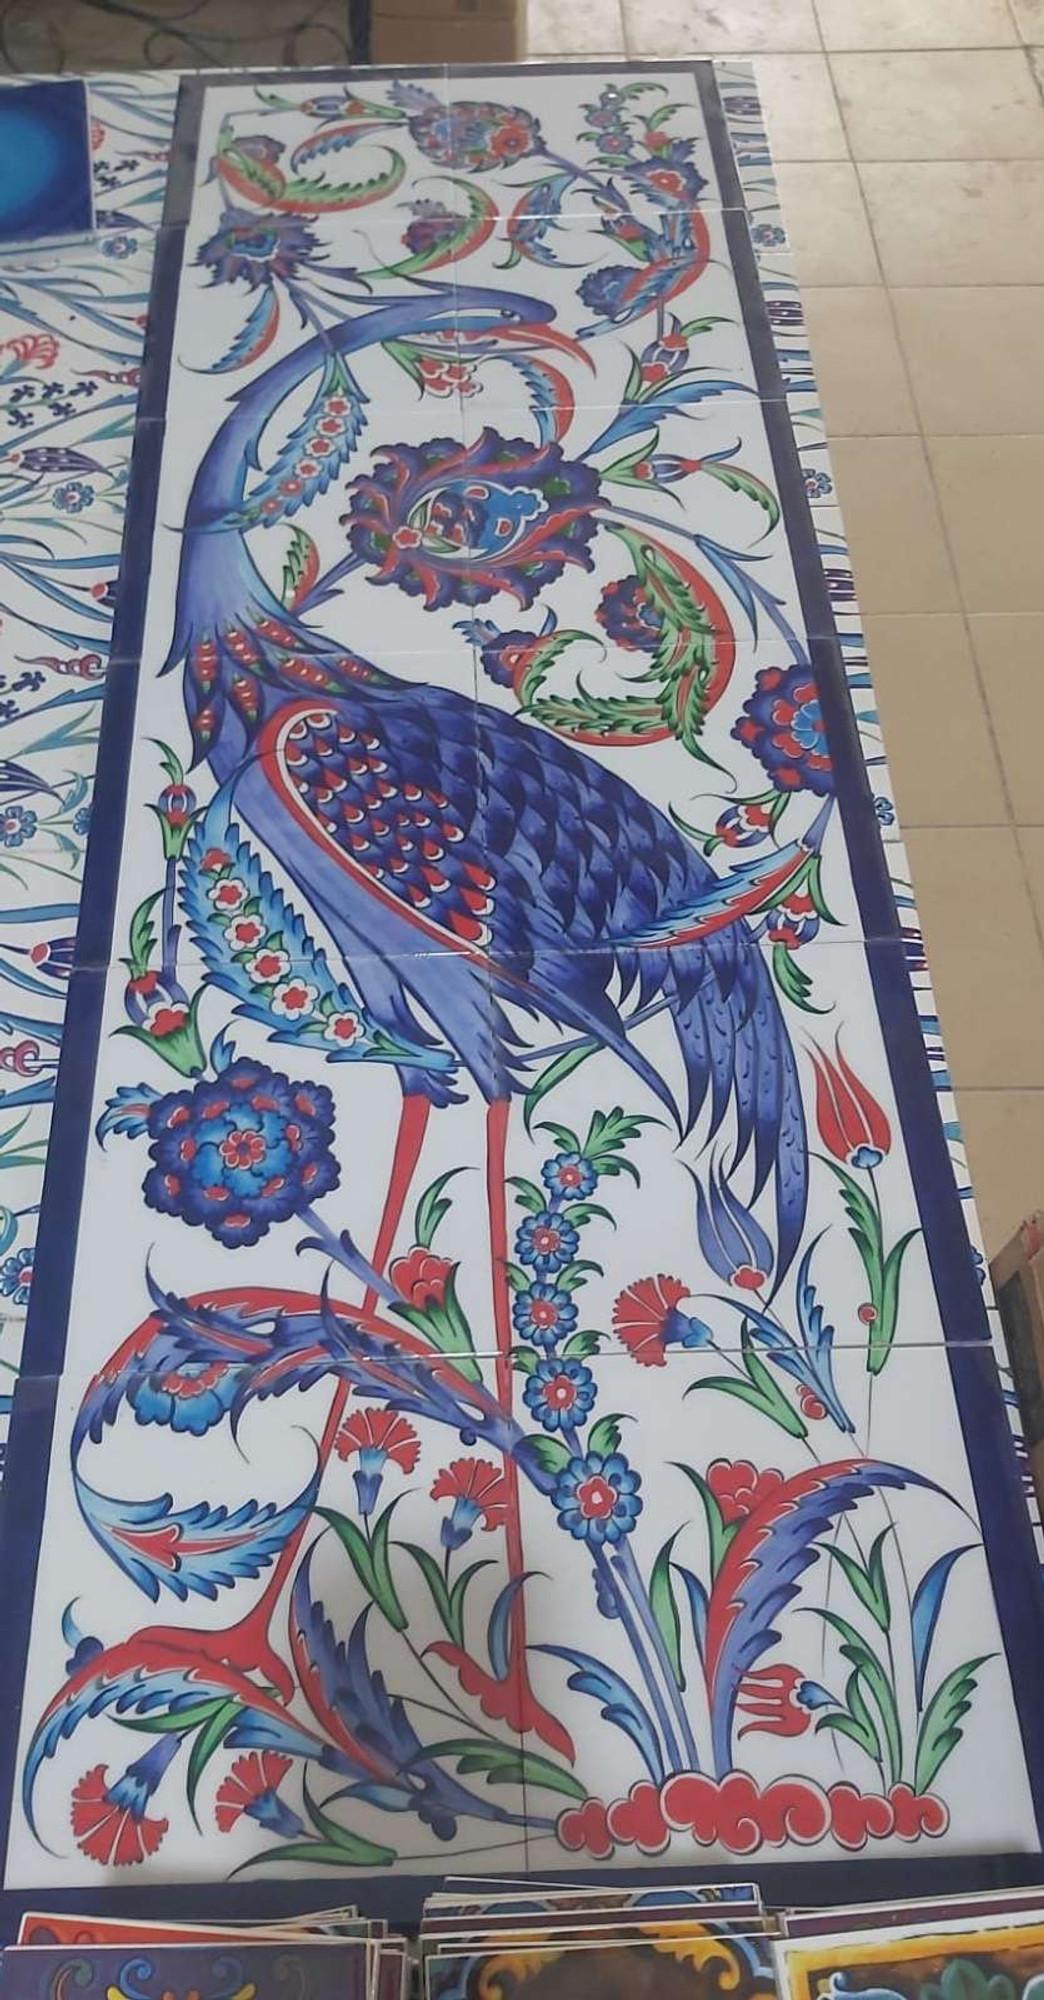 40x120cm forgotten glory ceramic tile wall mural